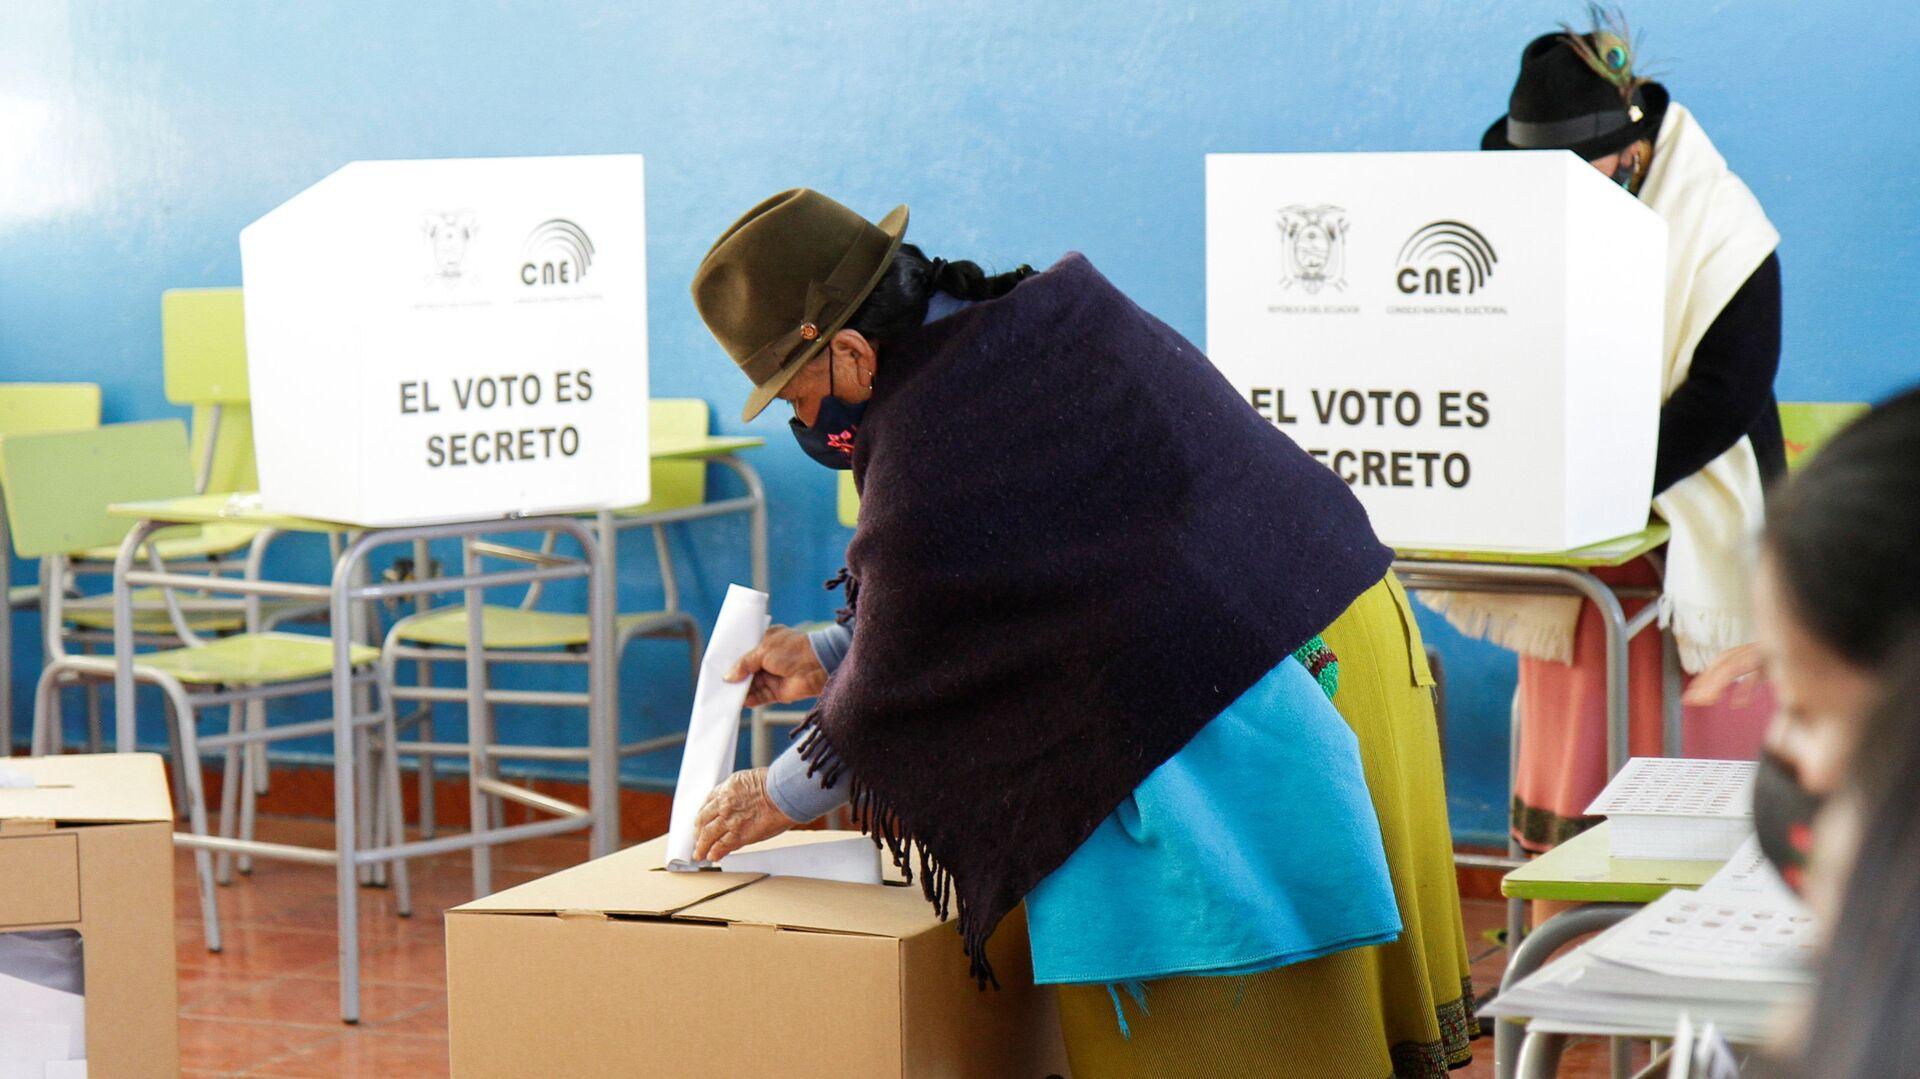 Elecciones presidenciales en Ecuador - Sputnik Mundo, 1920, 07.02.2021